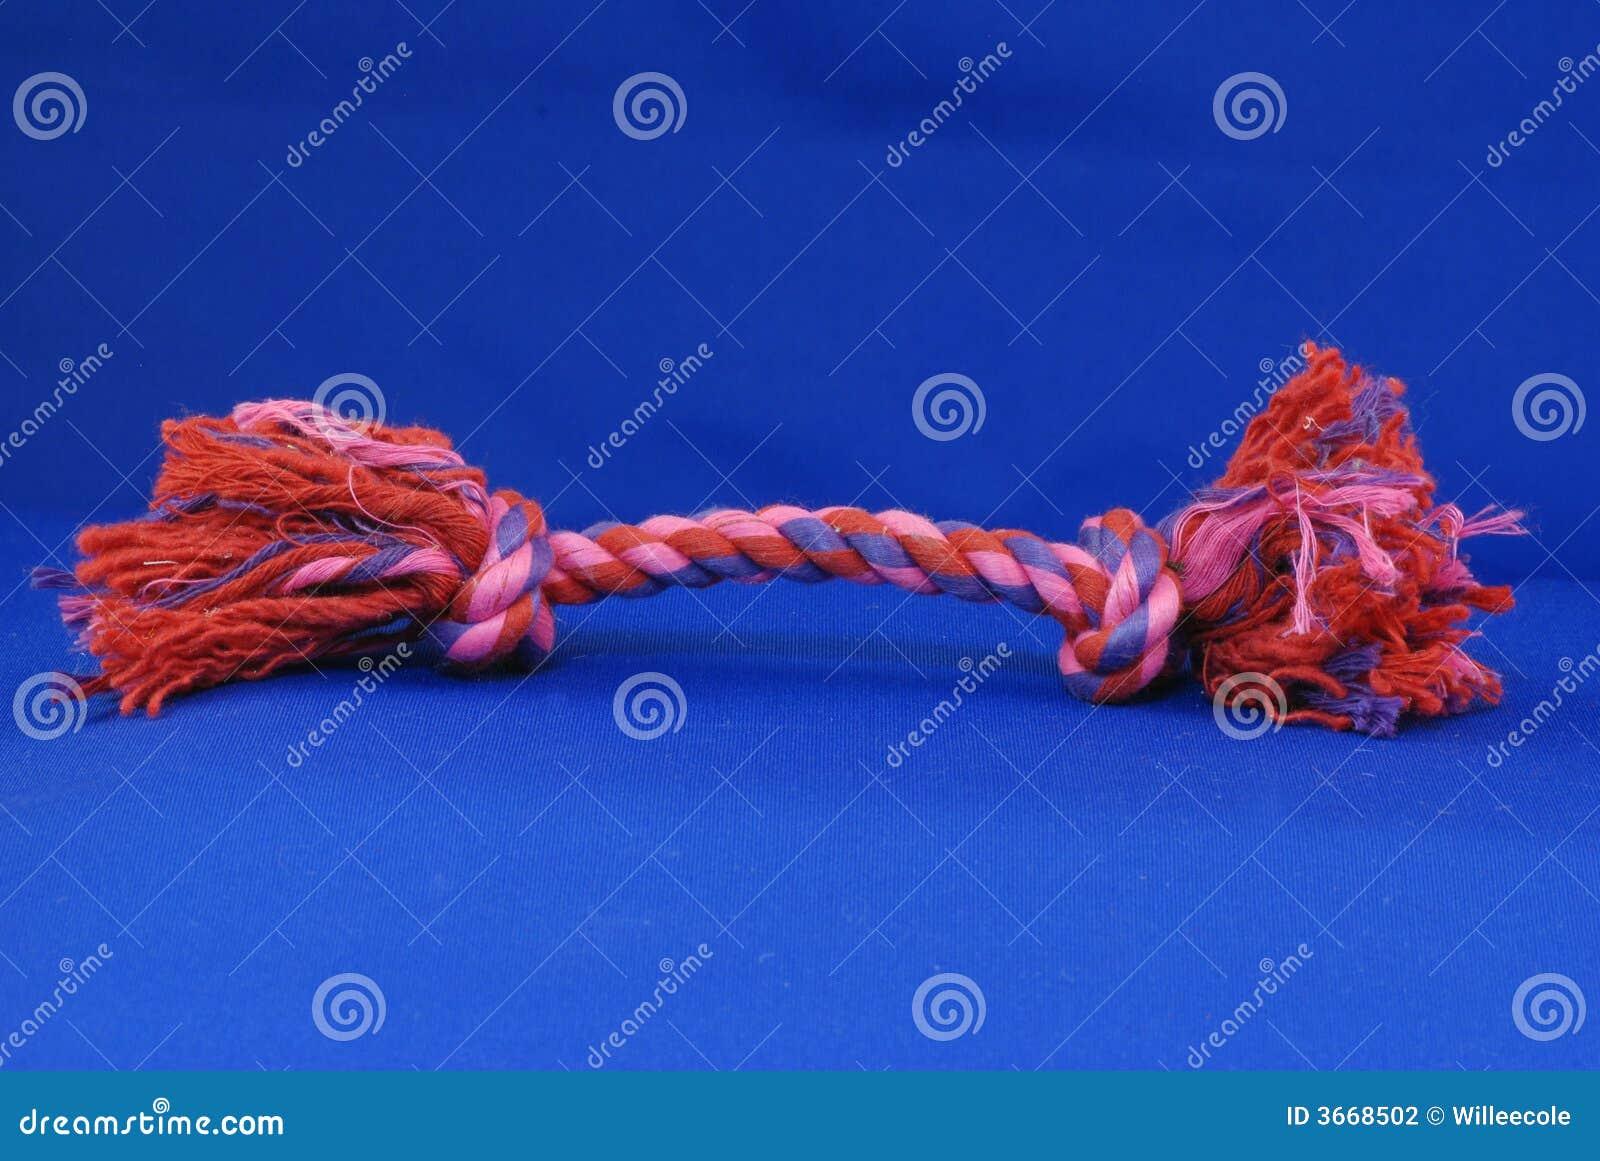 Juguete de la cuerda del tirón del perro